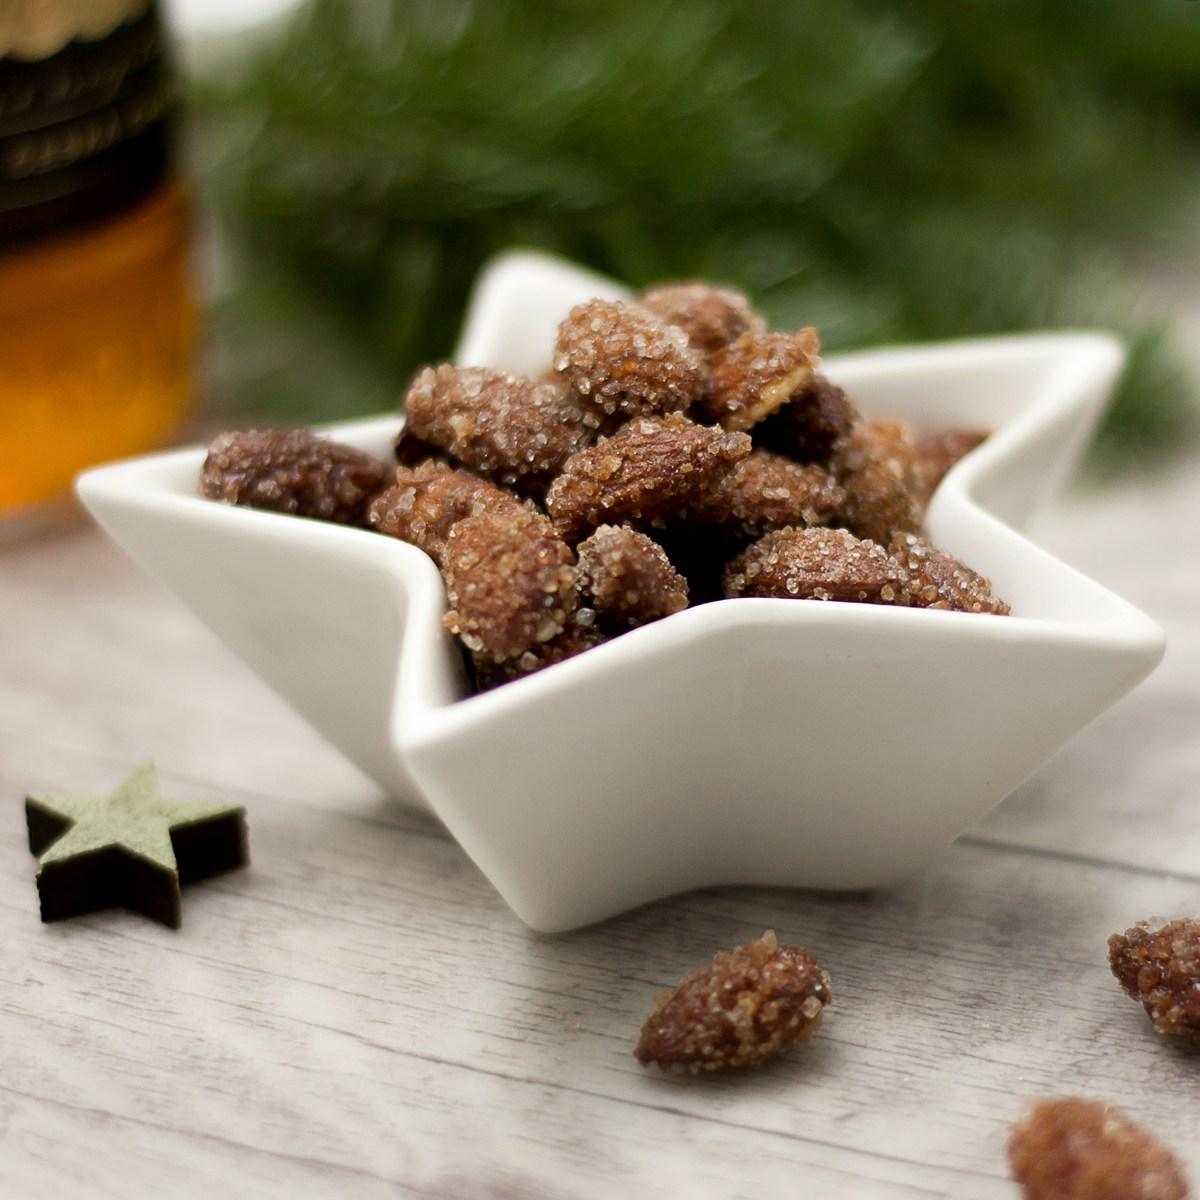 Die gebrannten Rummandeln sind lecker Low Carb und glutenfrei. Sie schmecken am Besten zur Weihnachtsmarkt oder auf dem Adventsmarkt.